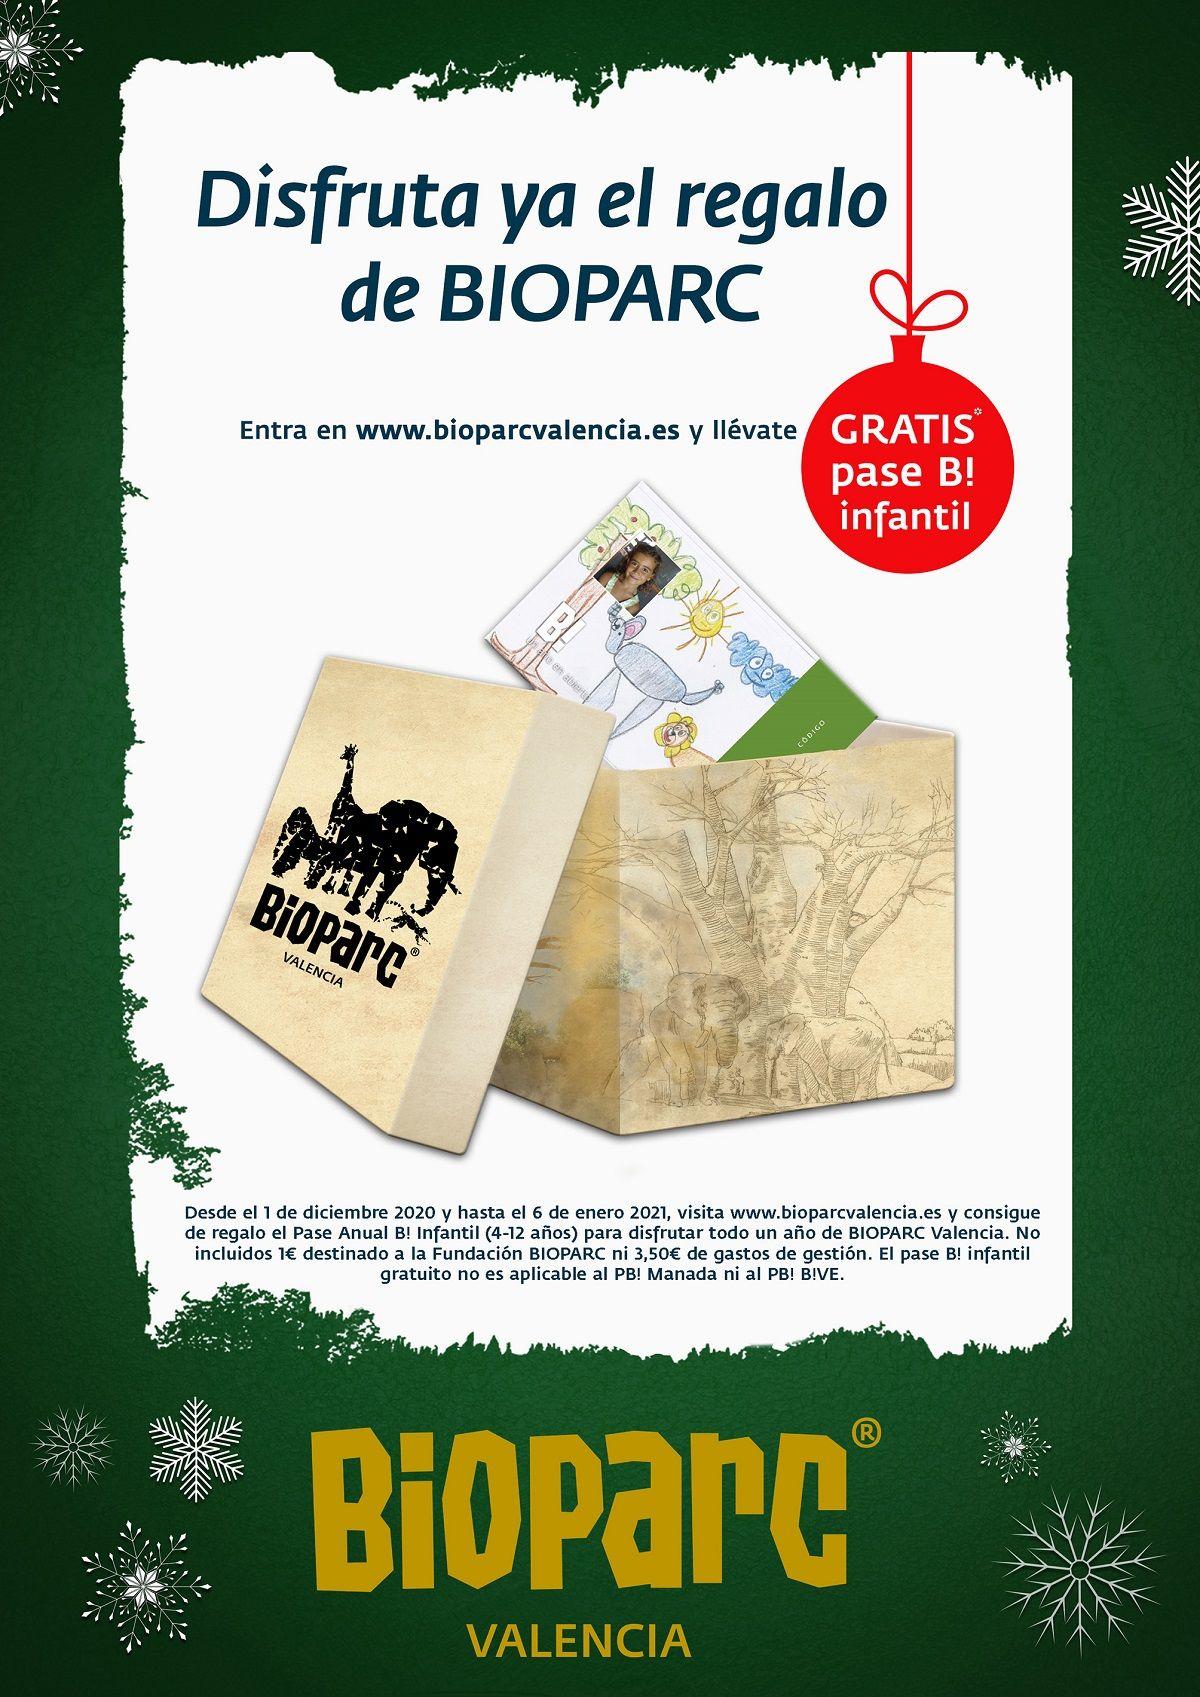 Promoción BIOPARC Valencia para esta Navidad valencia